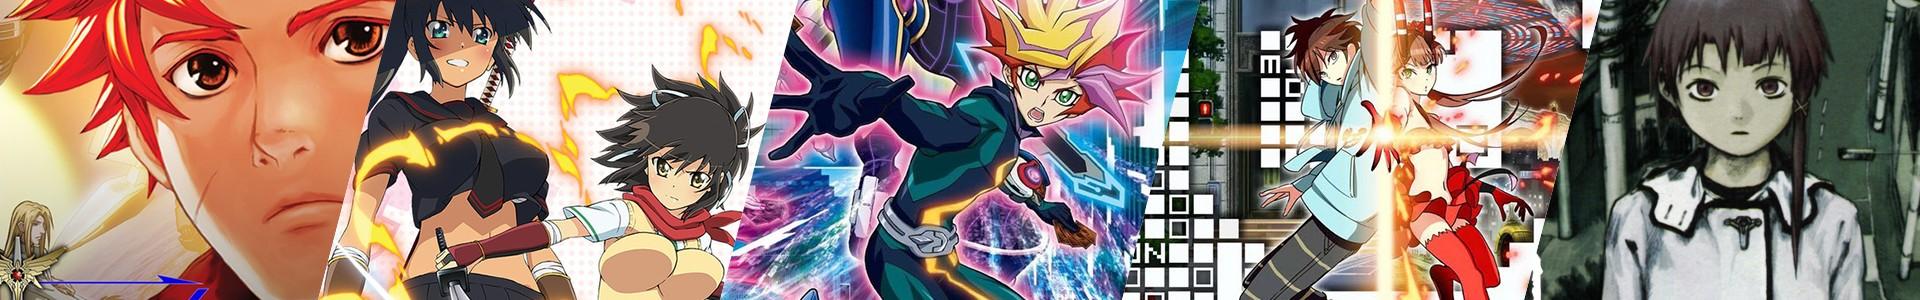 Crunchyroll adiciona Yu-Gi-Oh Vrains, Serial Experiments Lain e C-Control ao seu catálogo de animes